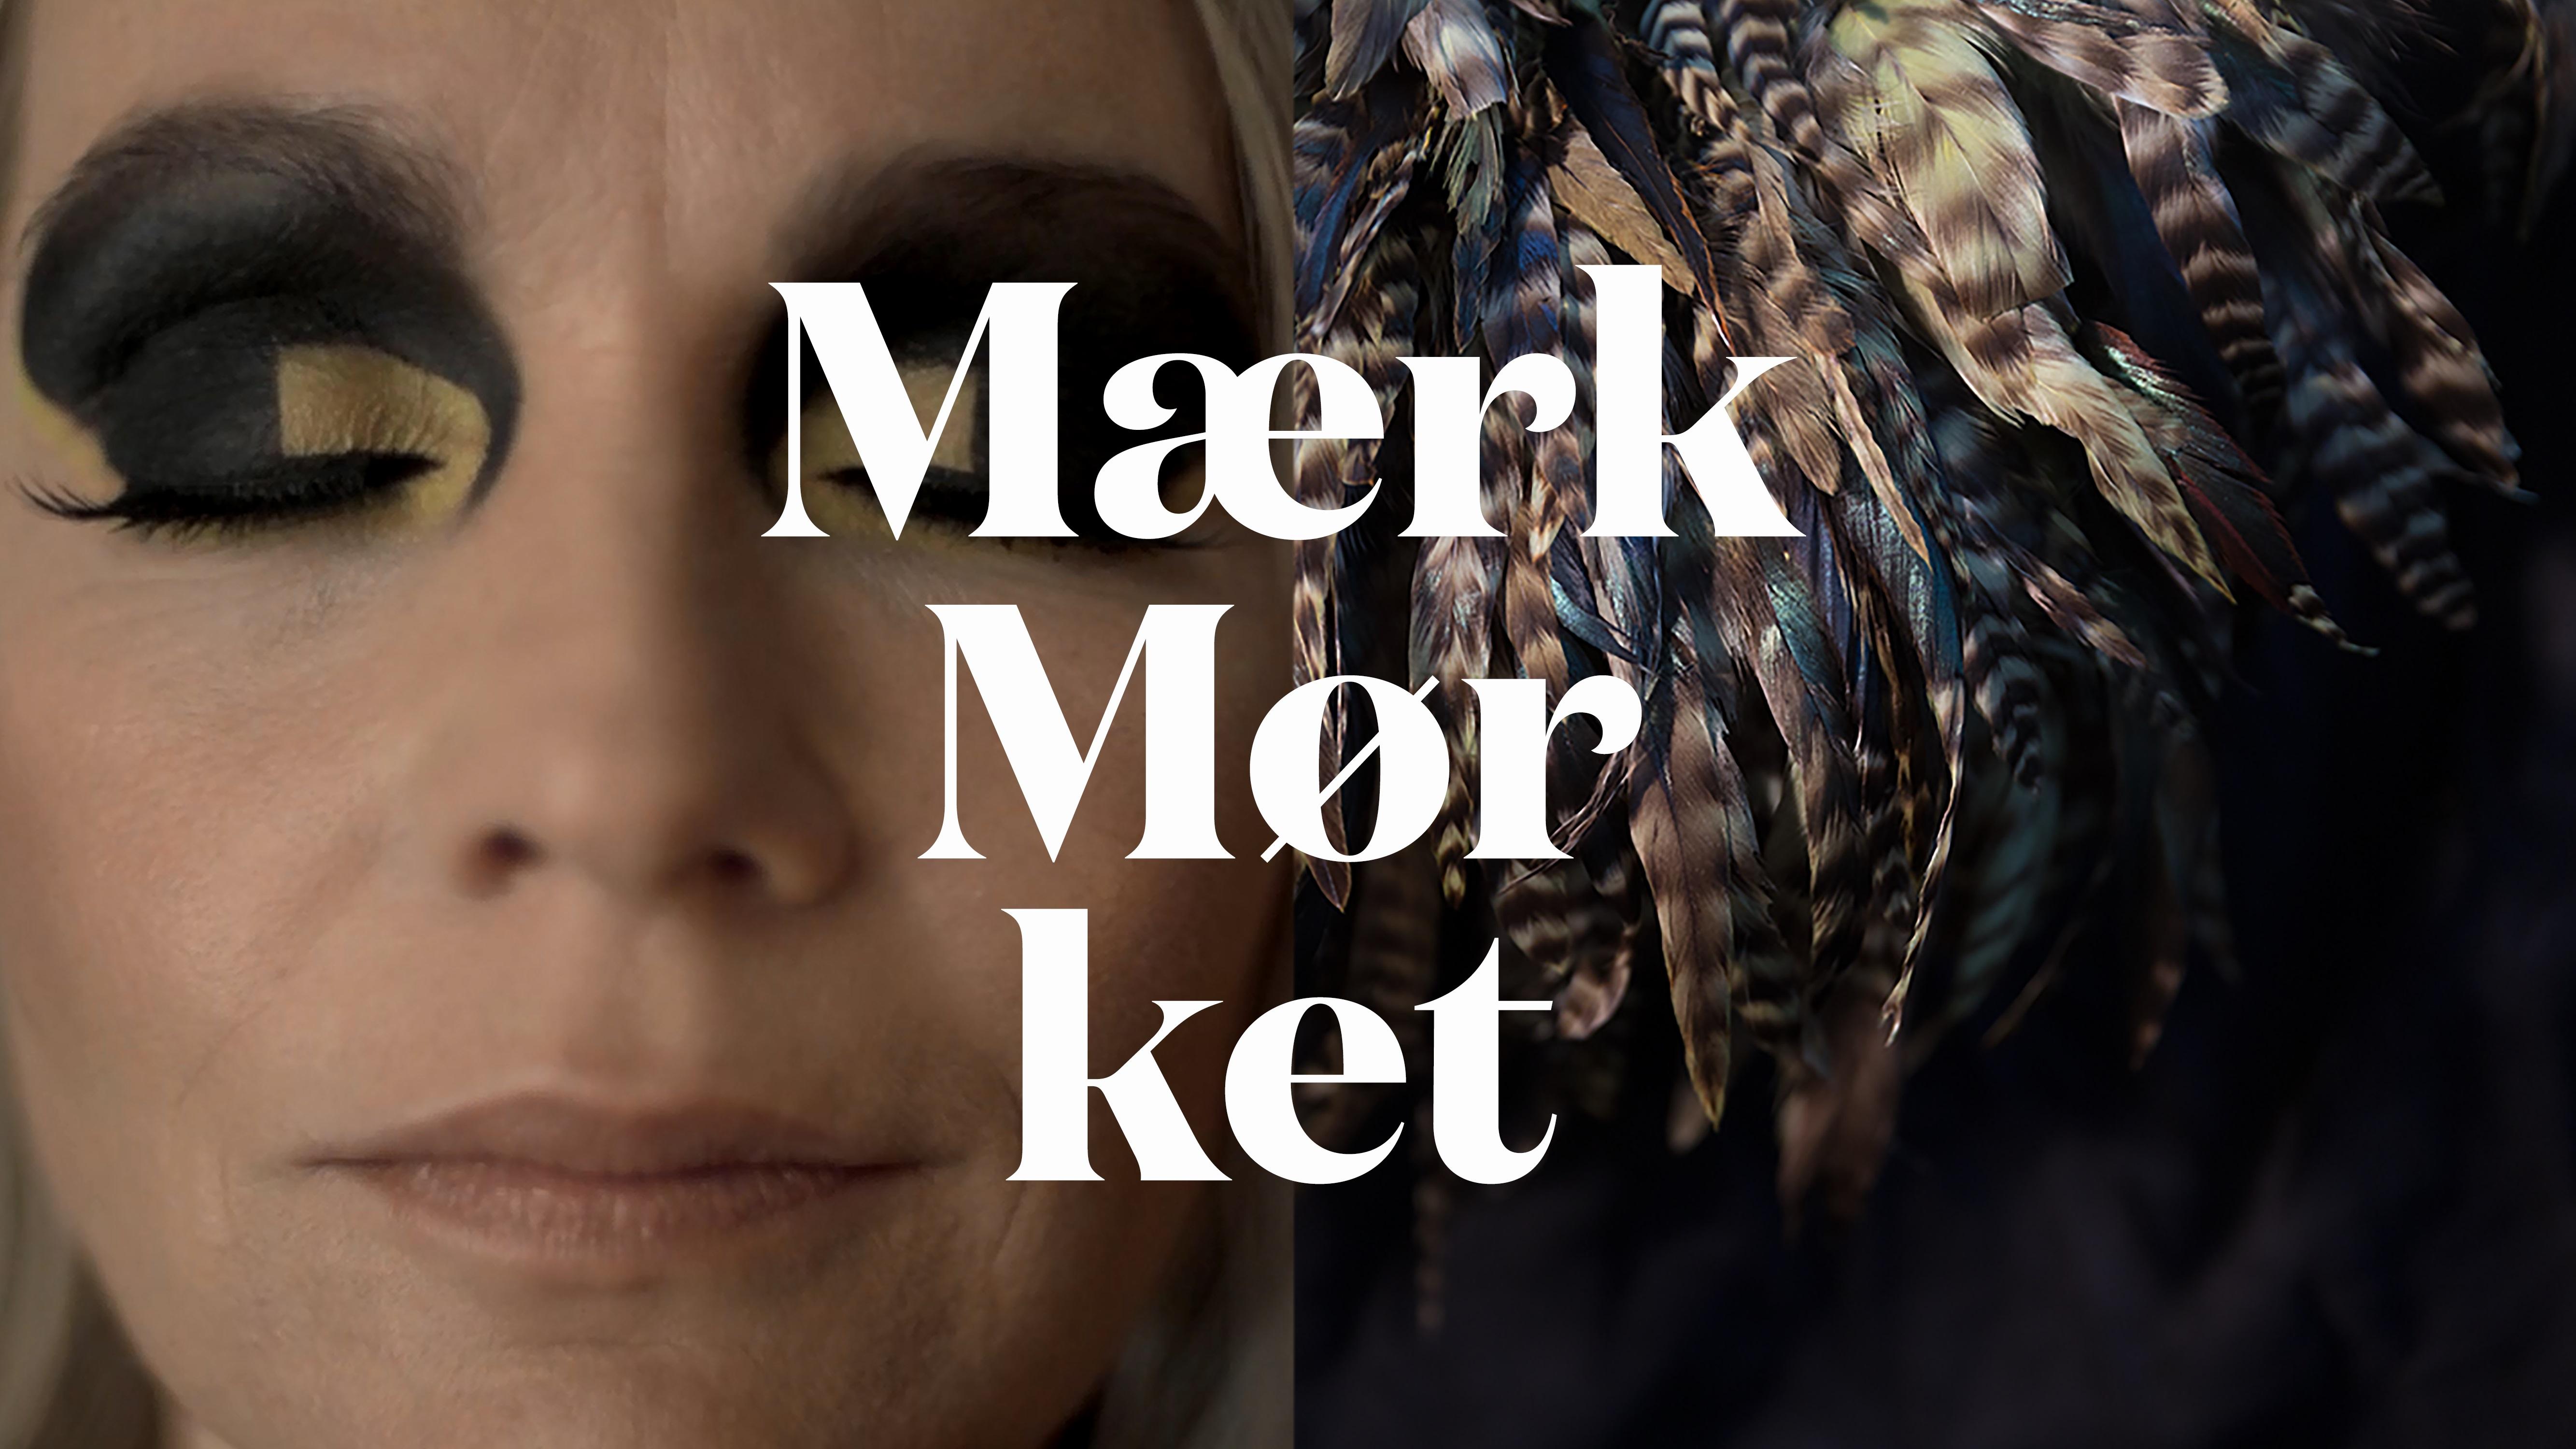 maerk_moerket_1.jpg